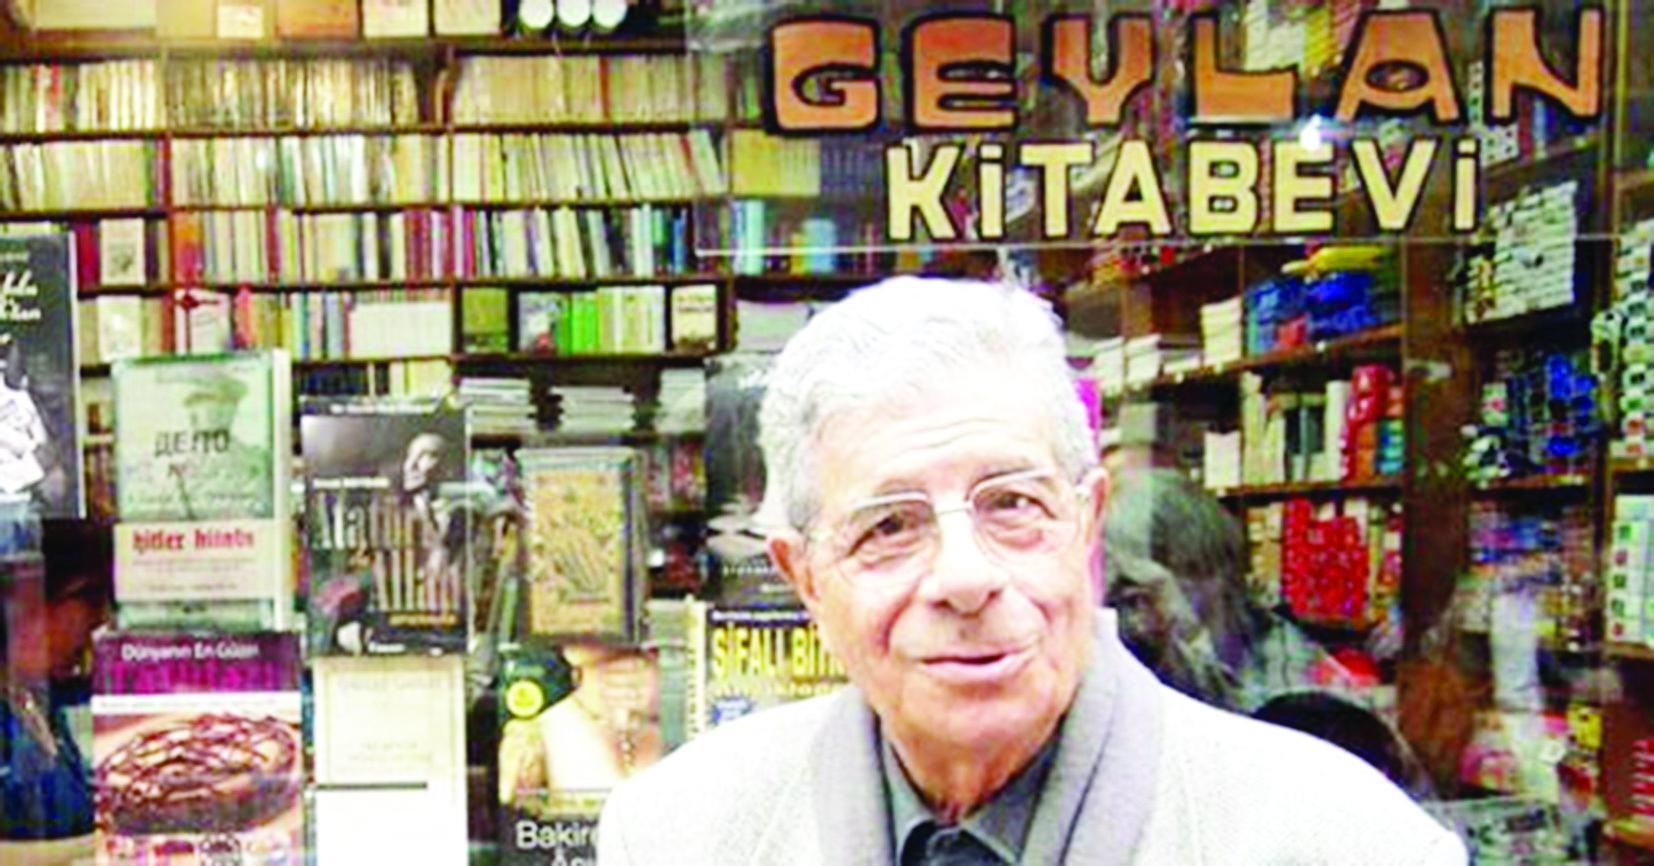 Ahmet Yorulmaz ve ünlü Geylan kitabevi